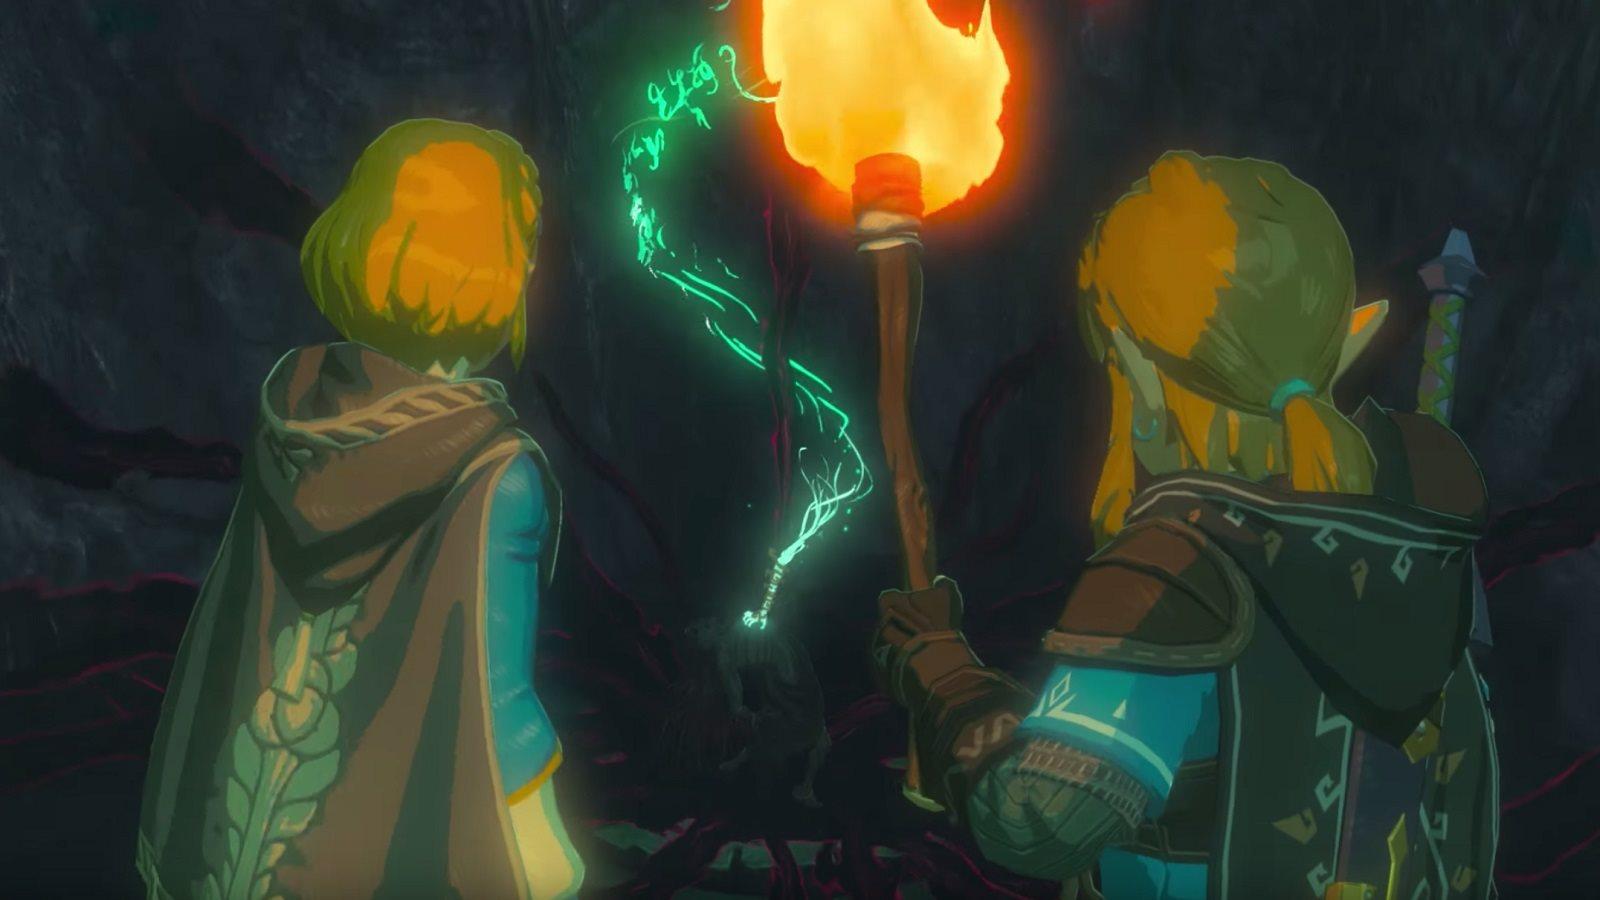 Legend of Zelda: Breath of the Wild 2; trailer: zelda